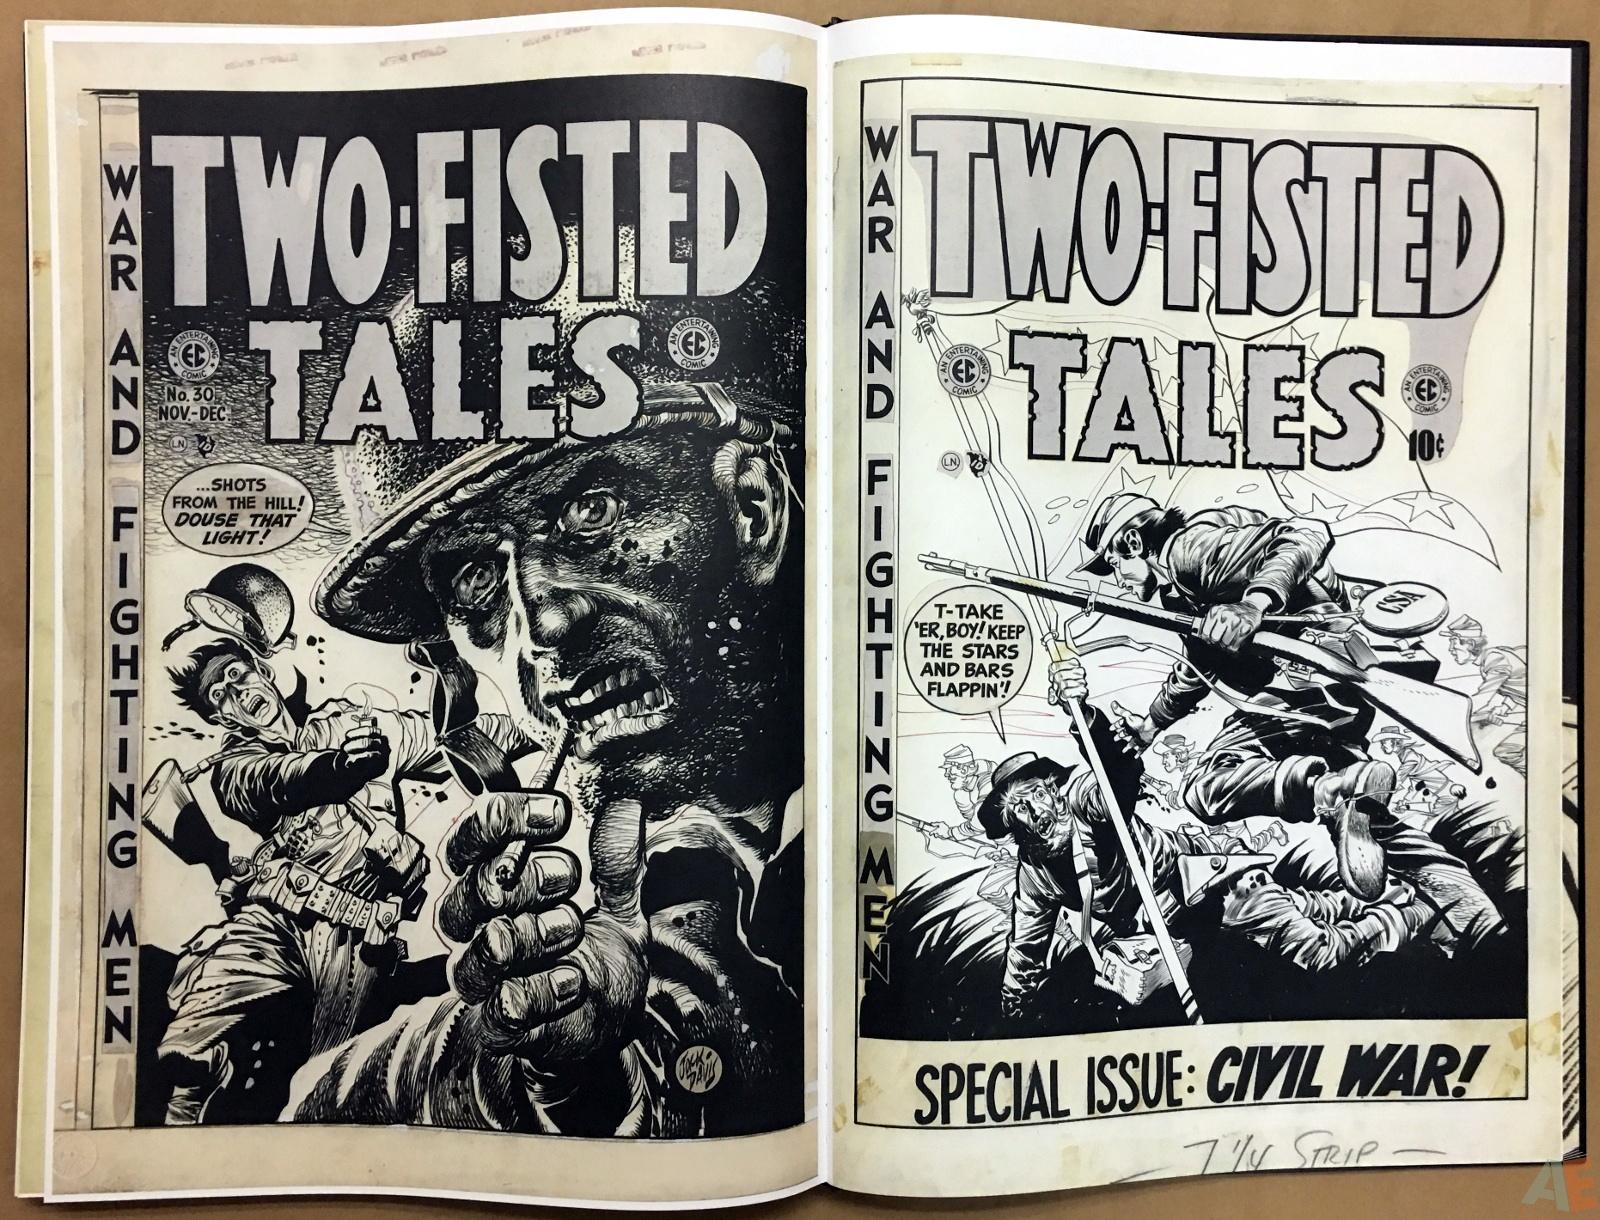 Jack Davis' EC Stories Artist's Edition 48